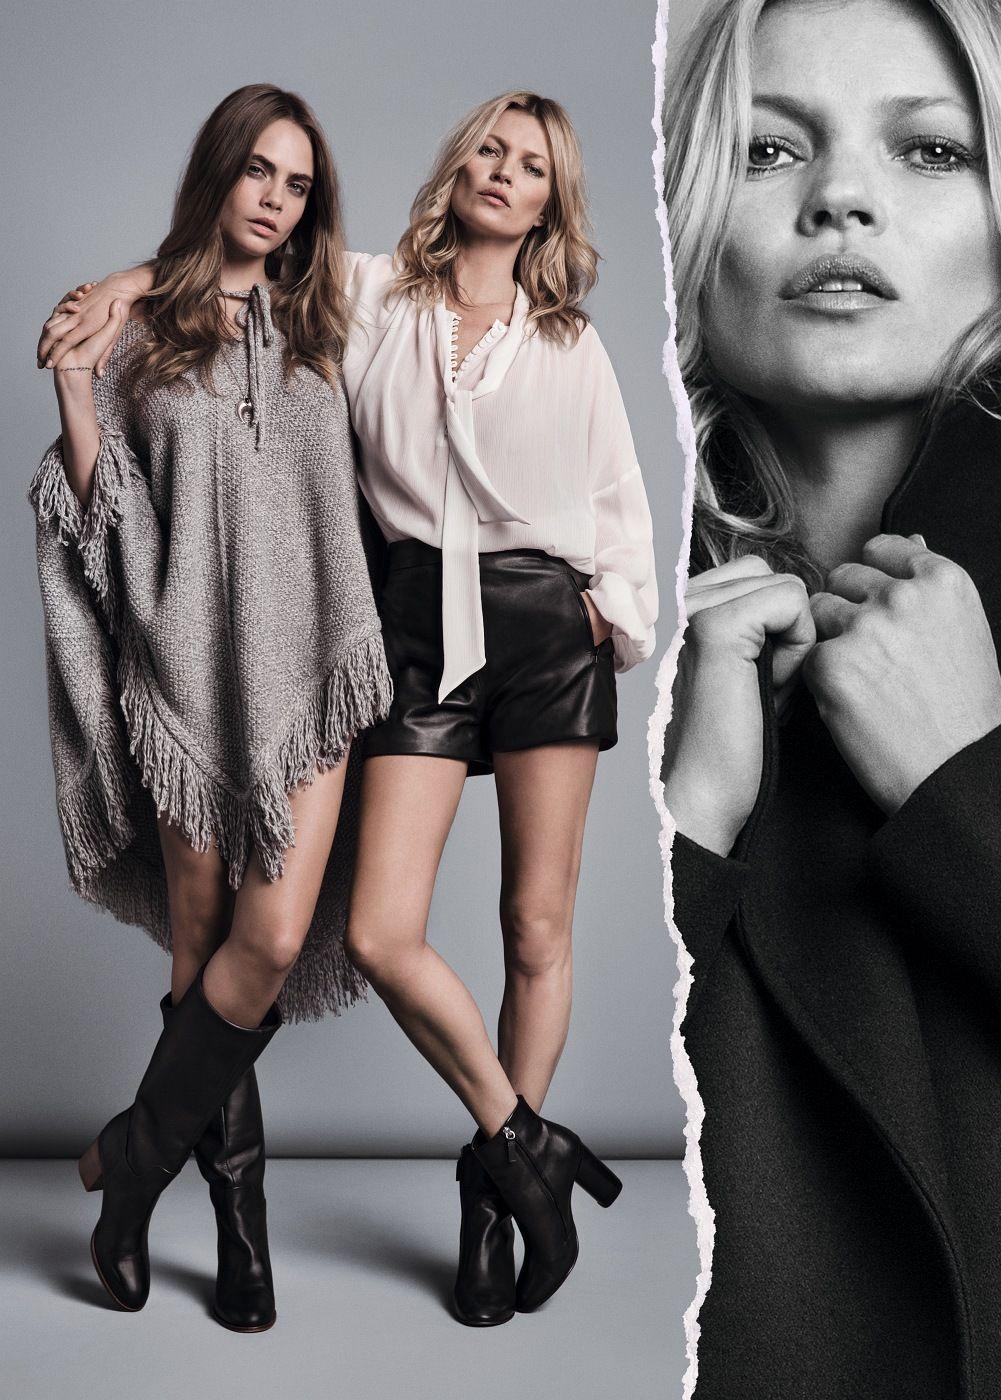 Модели для фотосъемки одежды